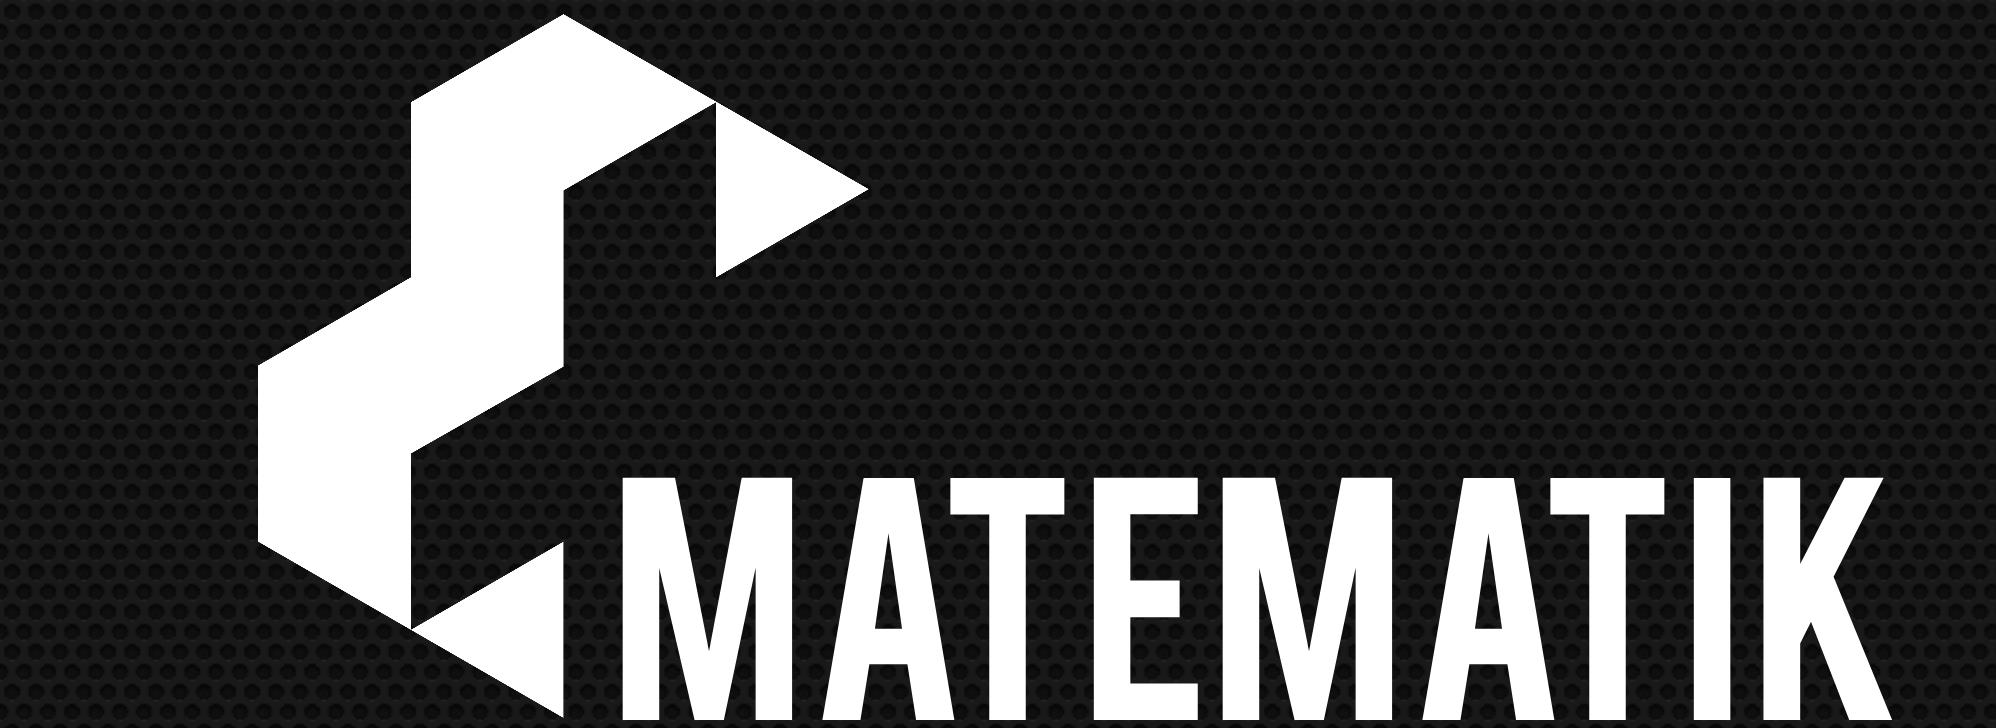 Matematikarti.com | Matematik, Öğrenmenin Doğru Adresi